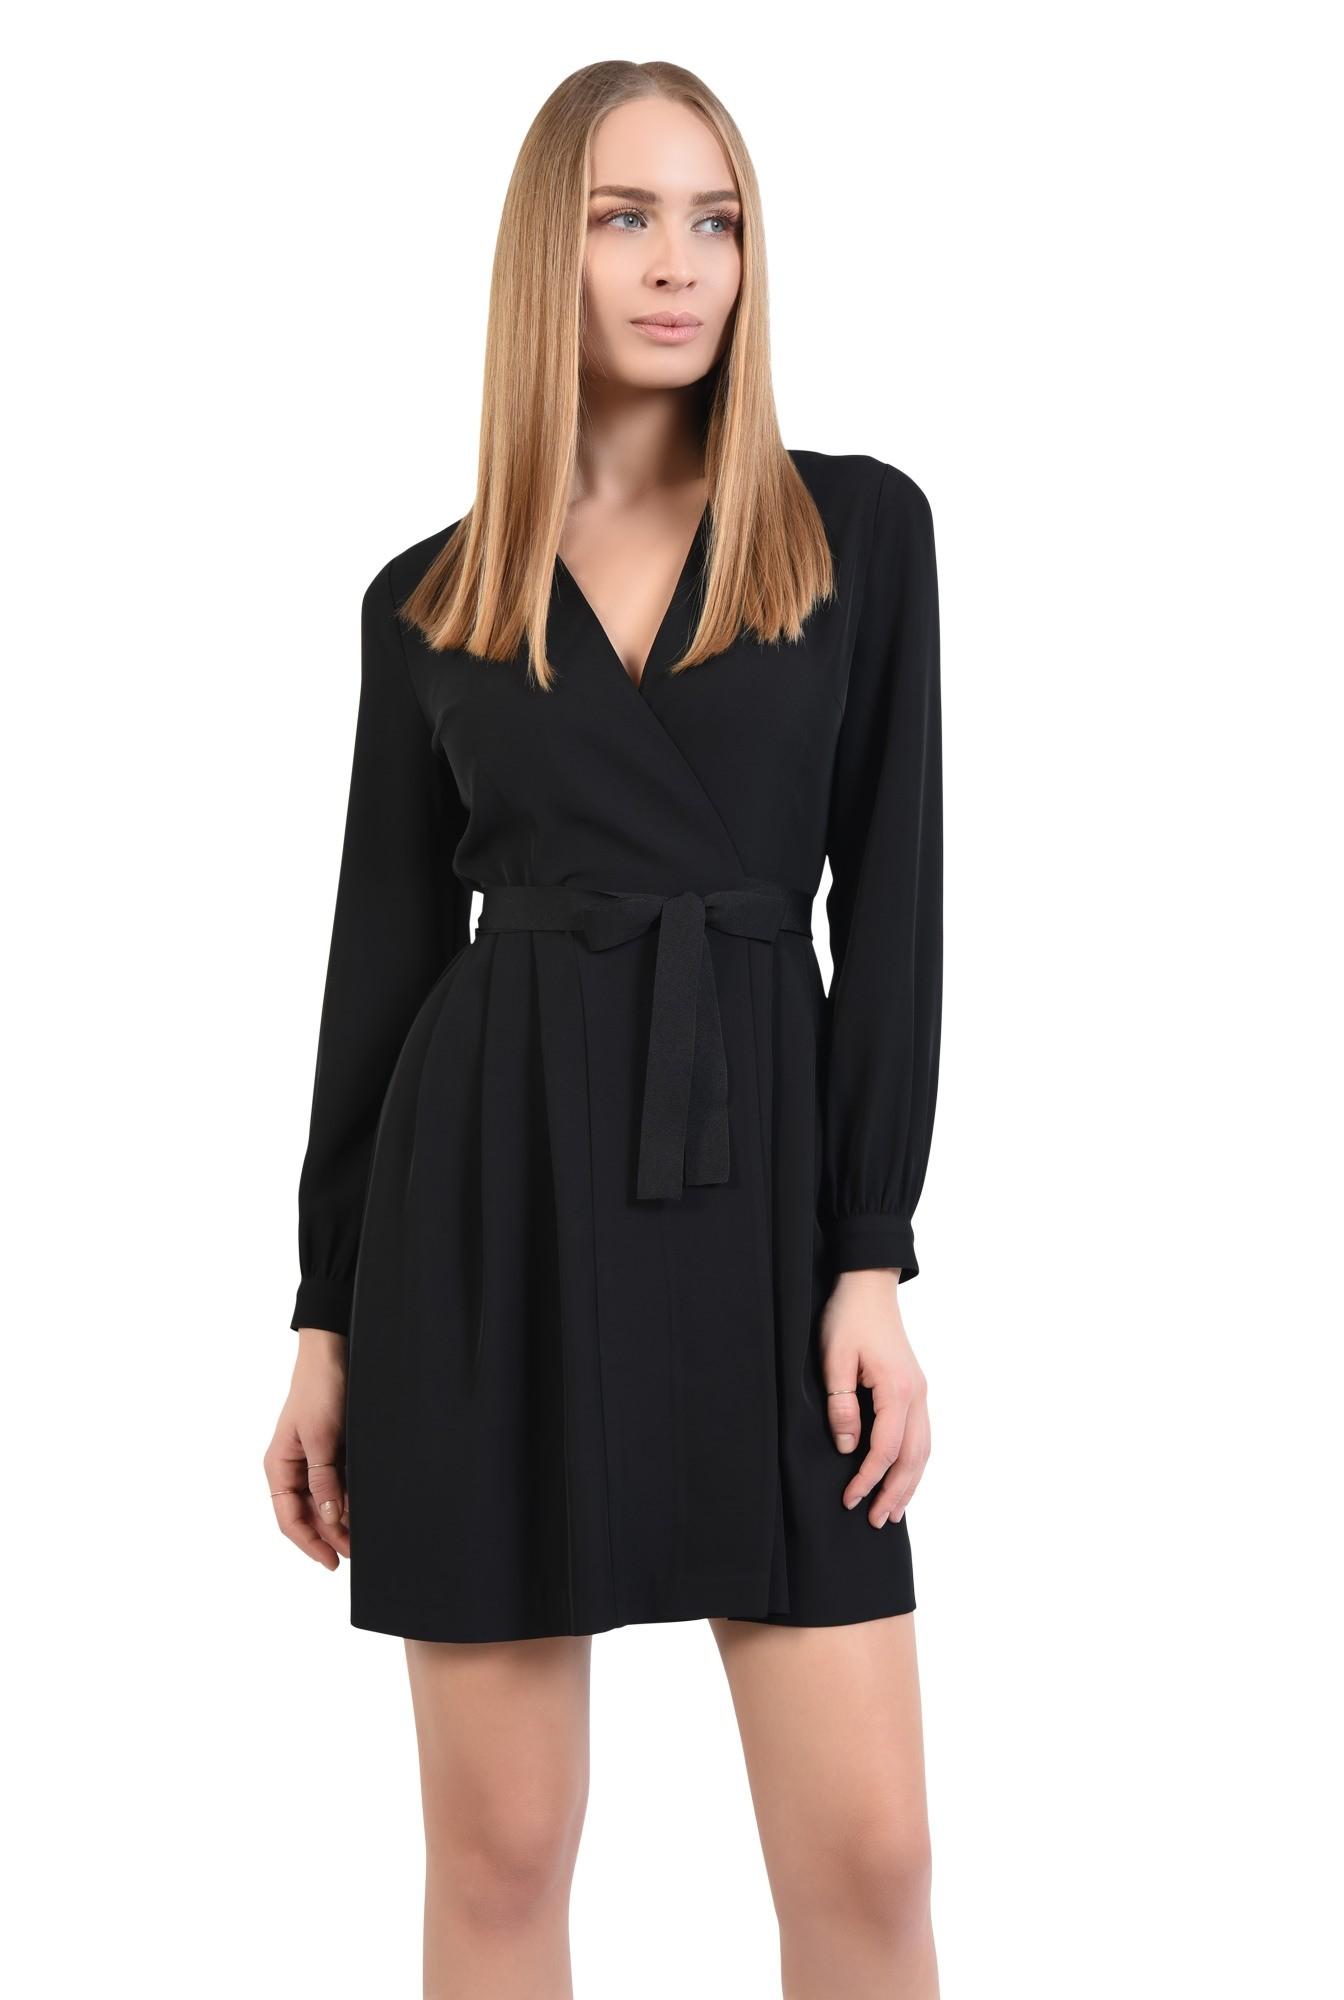 0 - rochie neagra, casual, mini, croi parte peste parte